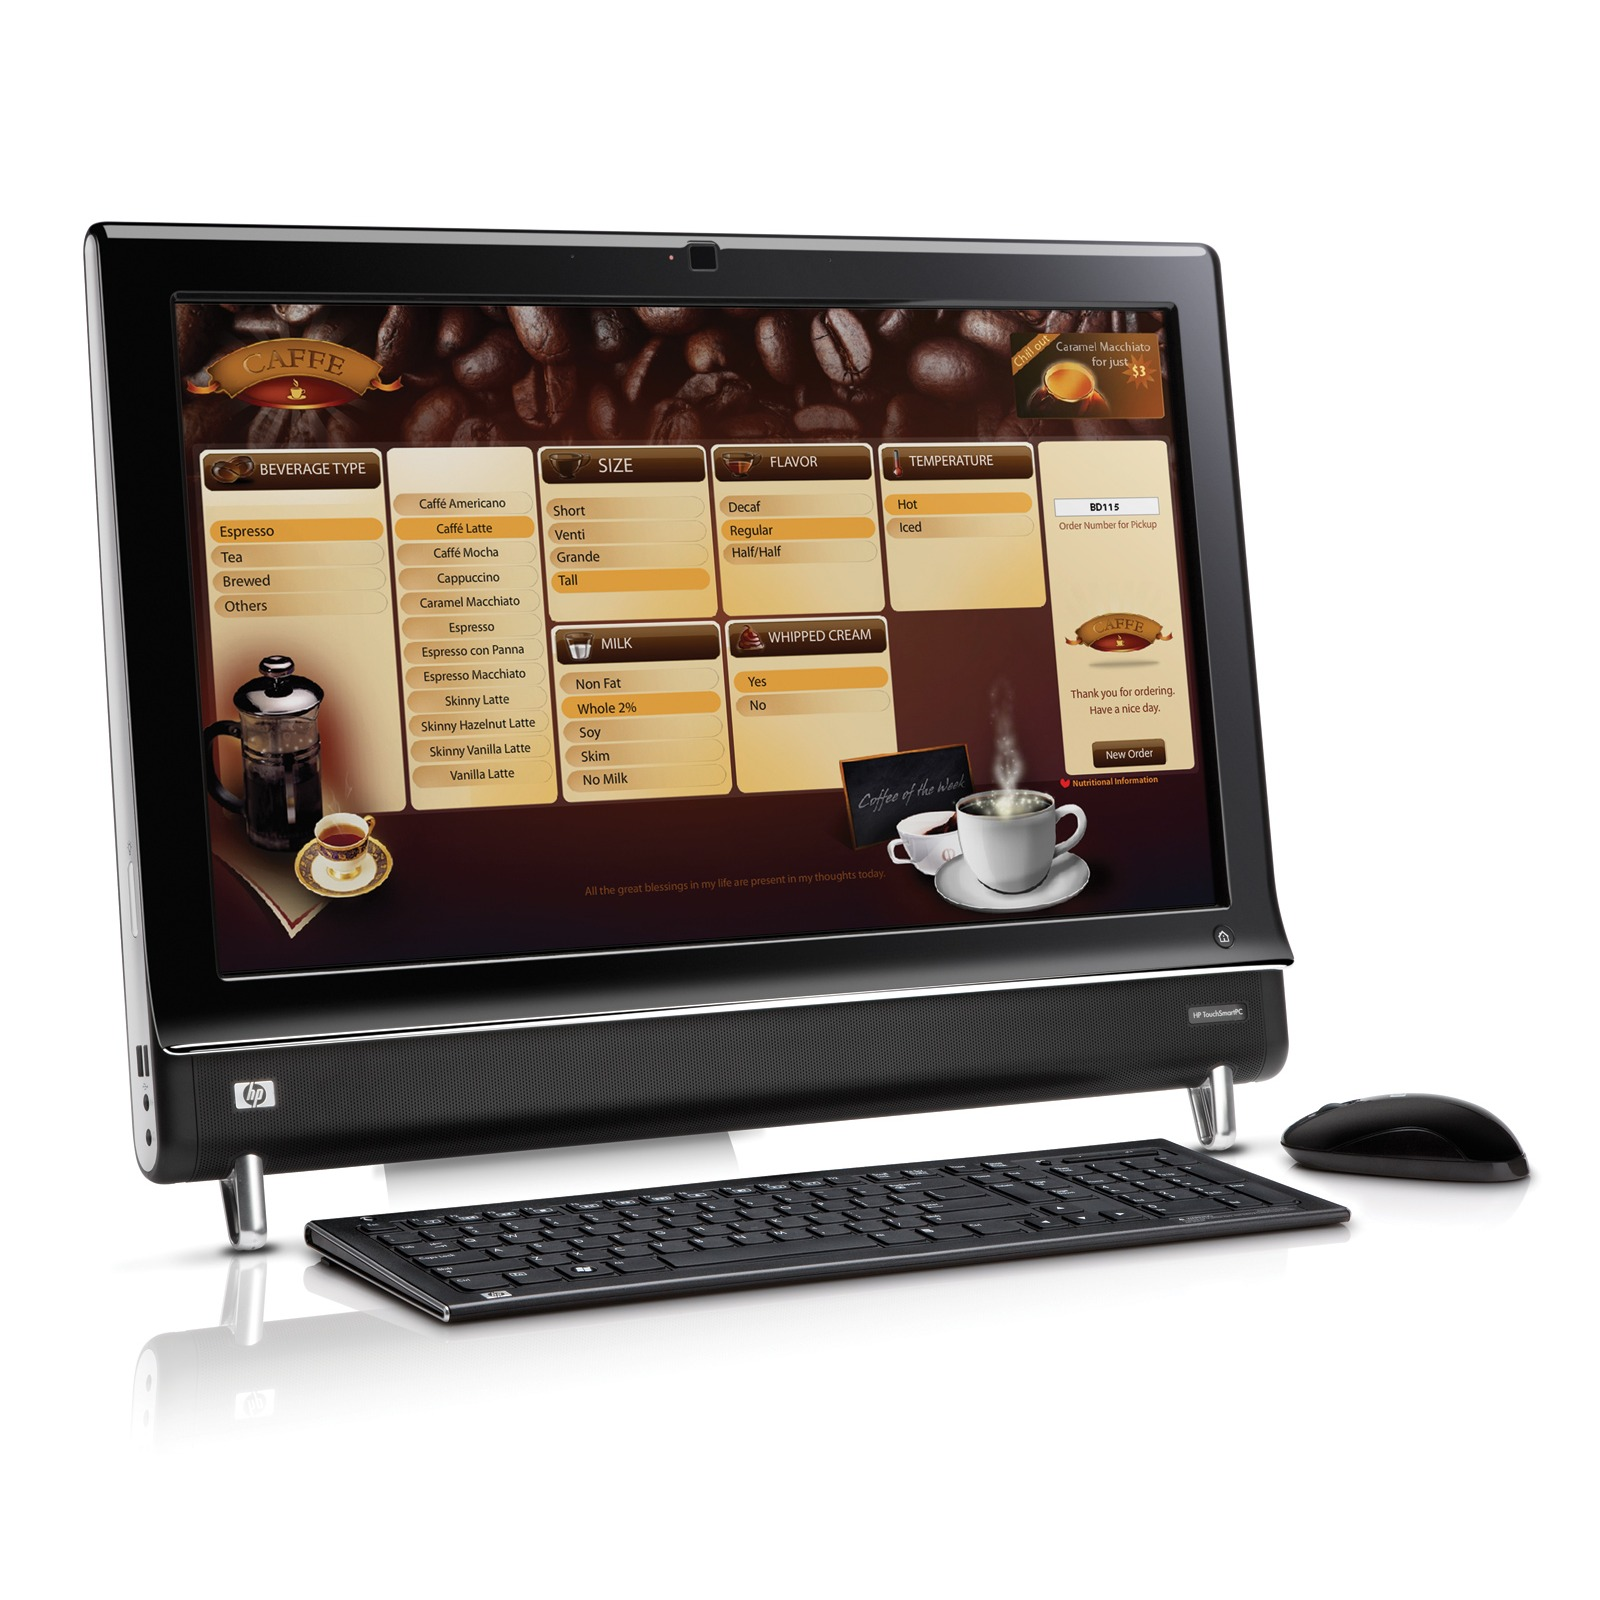 hp touchsmart 600 1130fr pc de bureau hp sur. Black Bedroom Furniture Sets. Home Design Ideas